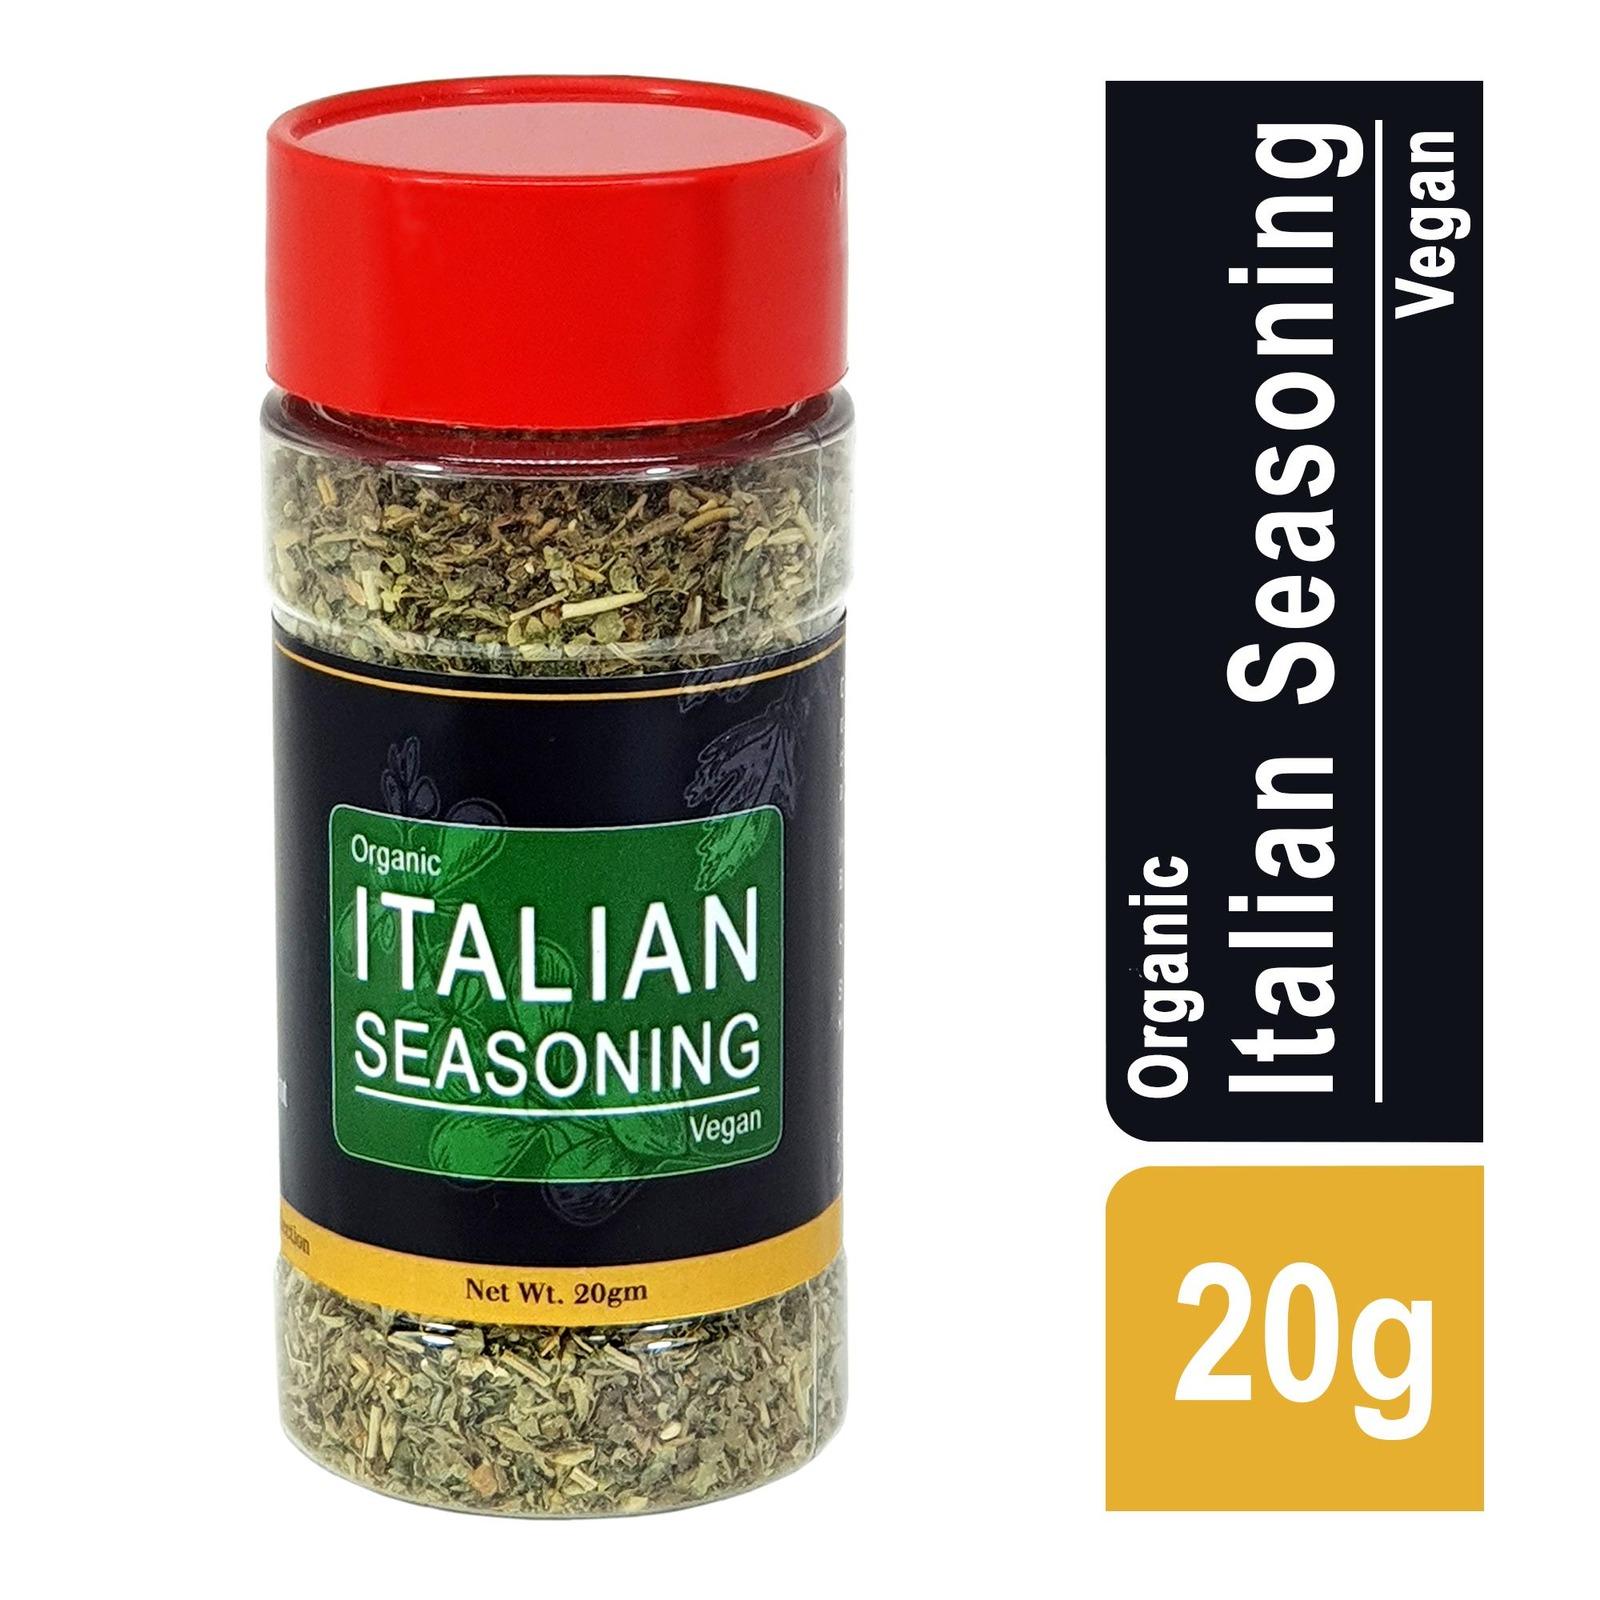 GardenScent Organic Italian Seasoning